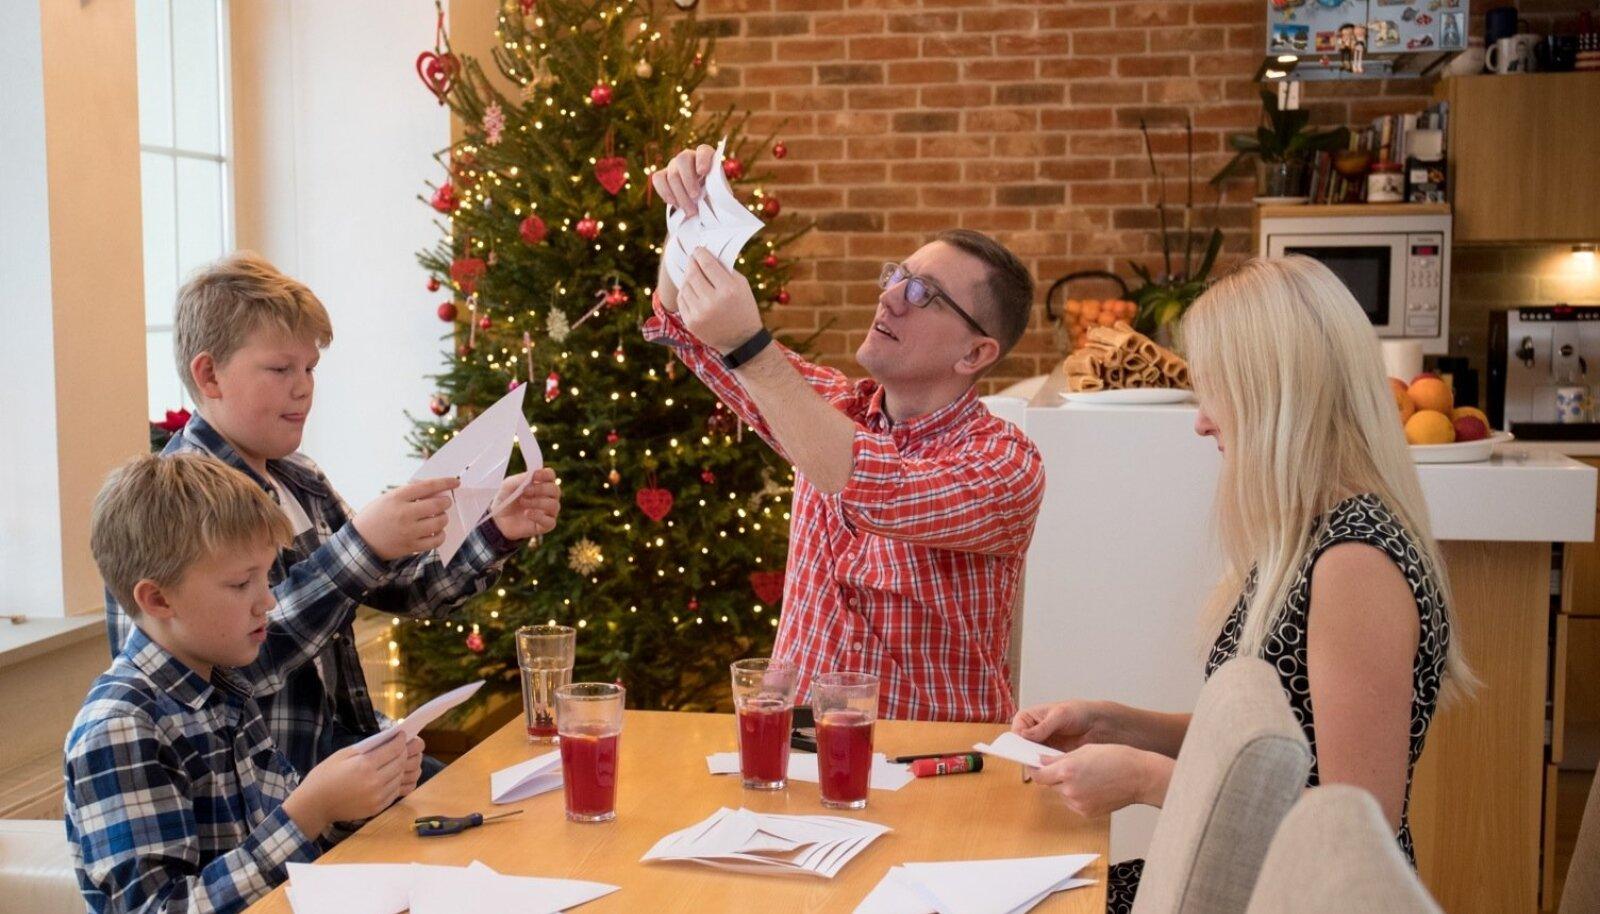 Kristen Michal valis 2012. aastal tagasiastumiseks advendiaja. Viimastel jõuludel õnnestus Eesti Päevalehel veenduda, et jõuluaeg Michalite kodus on tõesti kaunis.